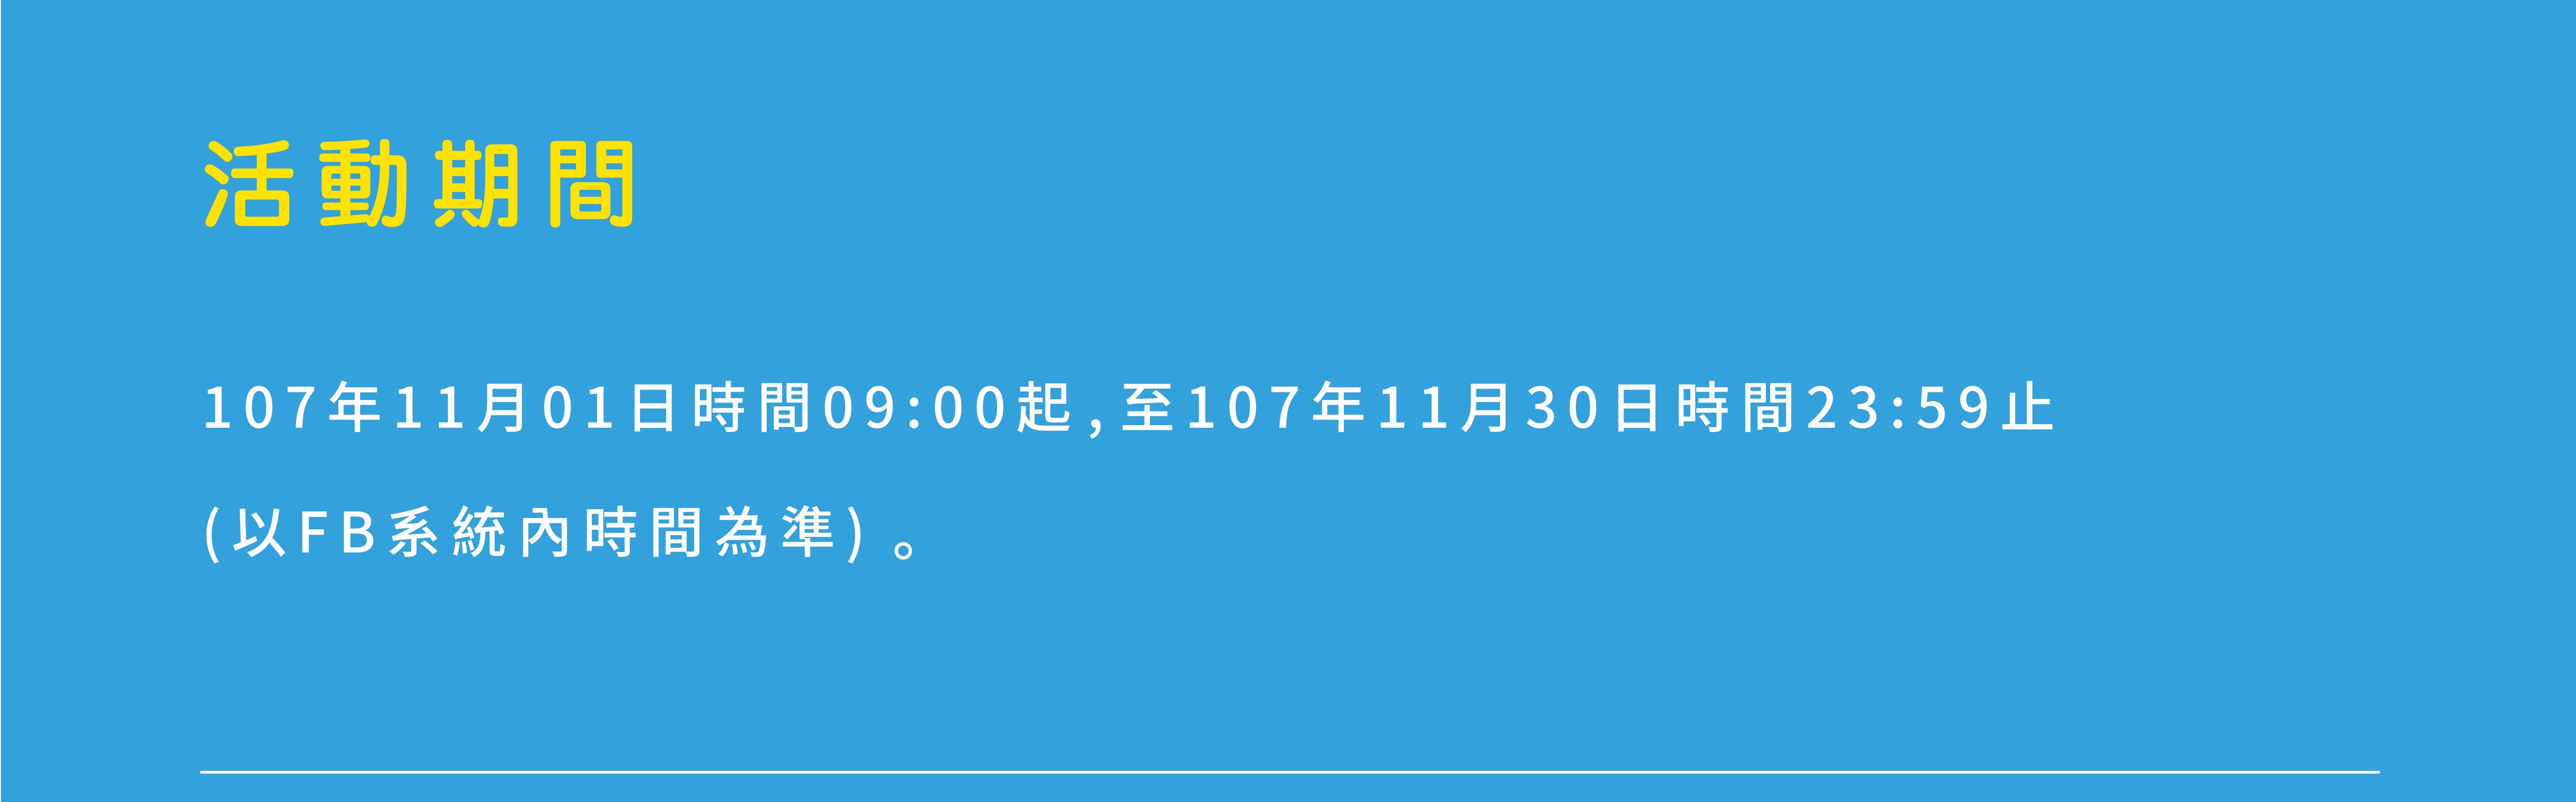 加護靈週年慶的活動期間為11月1日至11月30日止